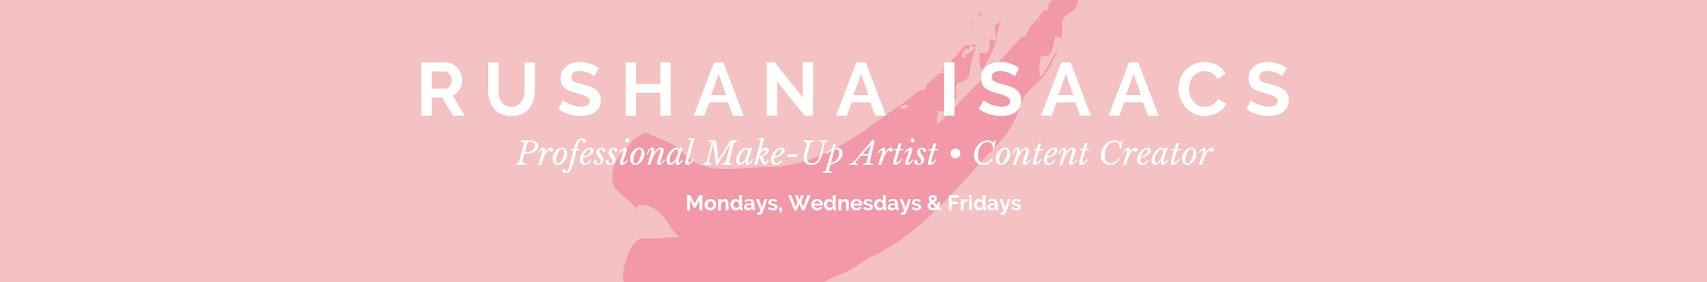 RushanaIsaacs Makeup